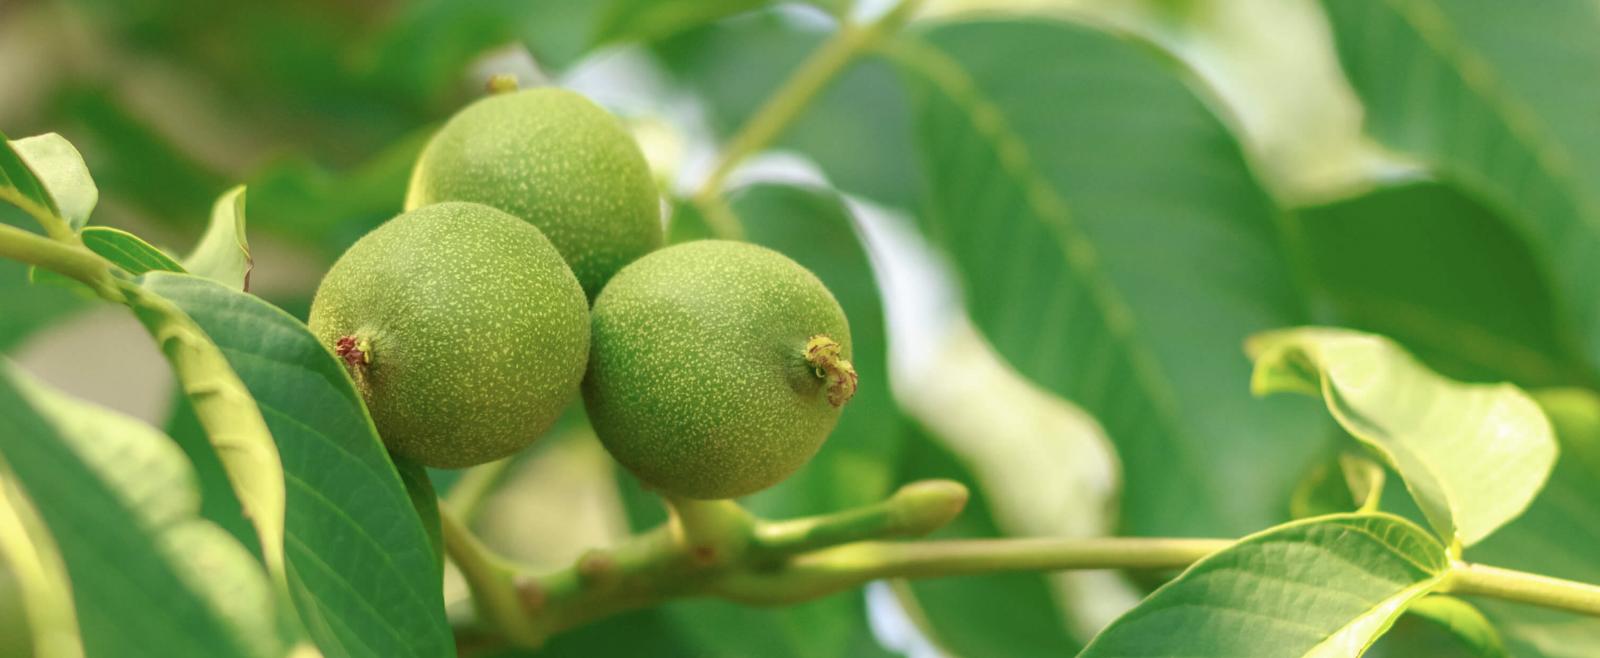 Quipasur y Fertiglobal: La alianza que promete ser protagonista del mercado de nutrición vegetal chileno